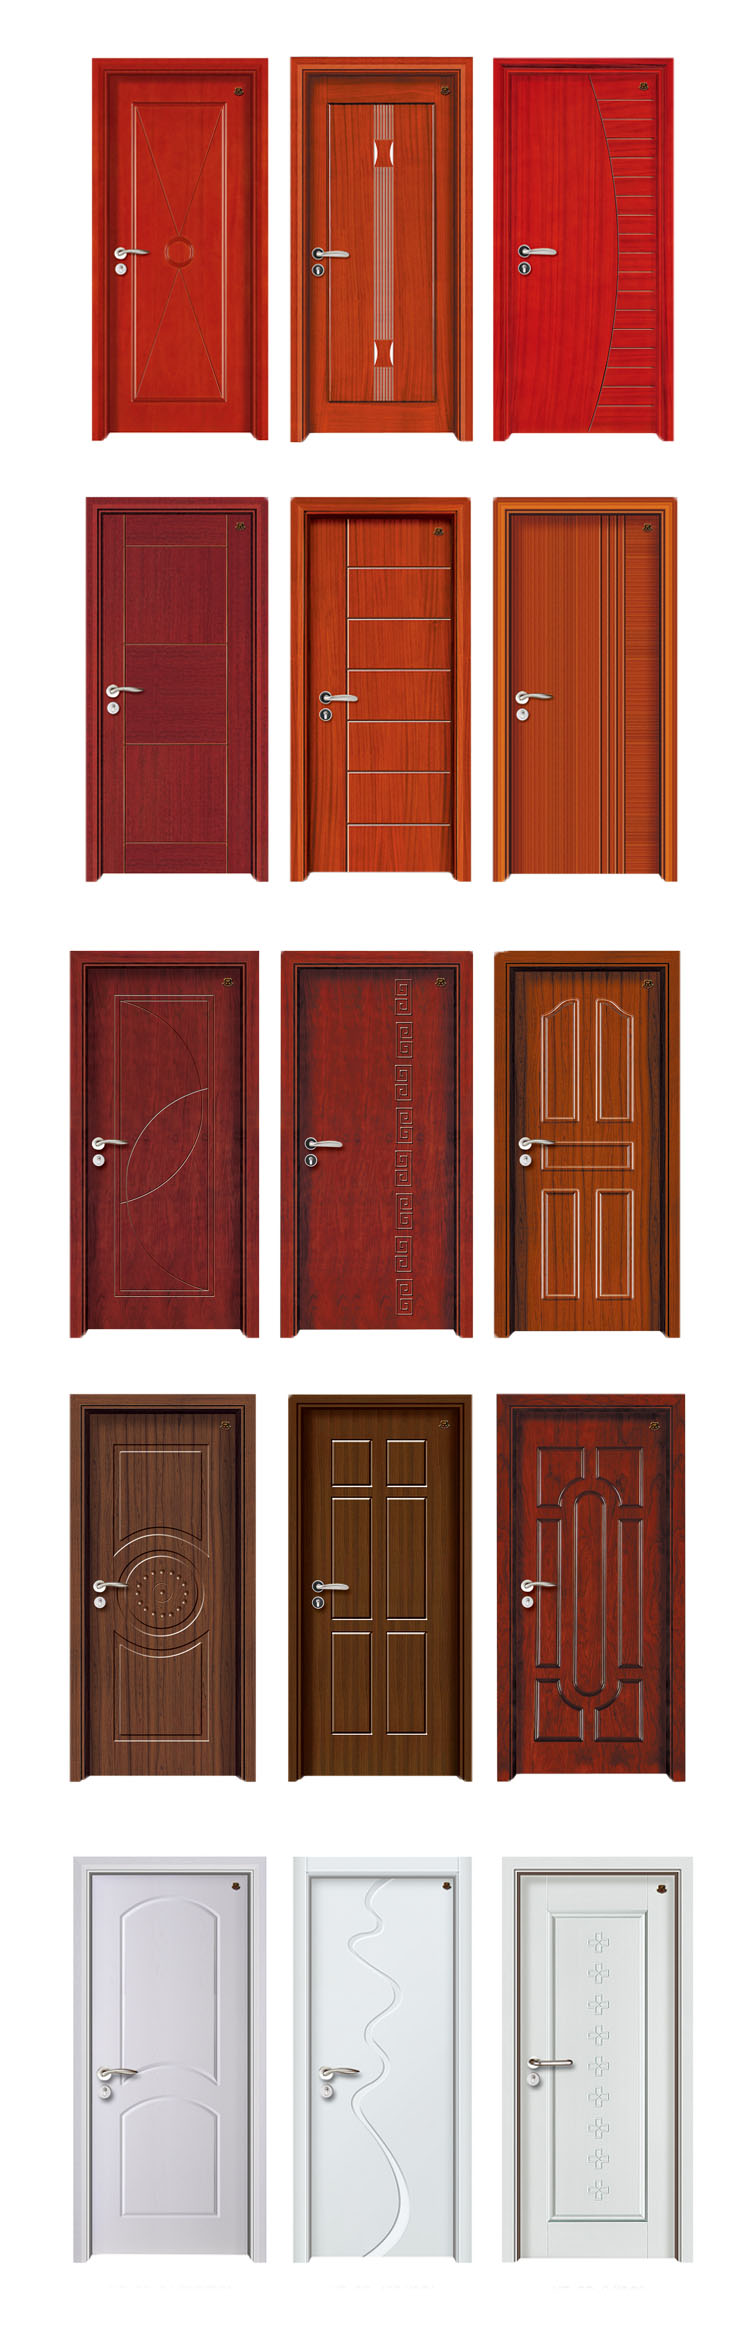 Bathroom door design - Pvc Bathroom Door Design Wood Veneer Door Skin Door Front